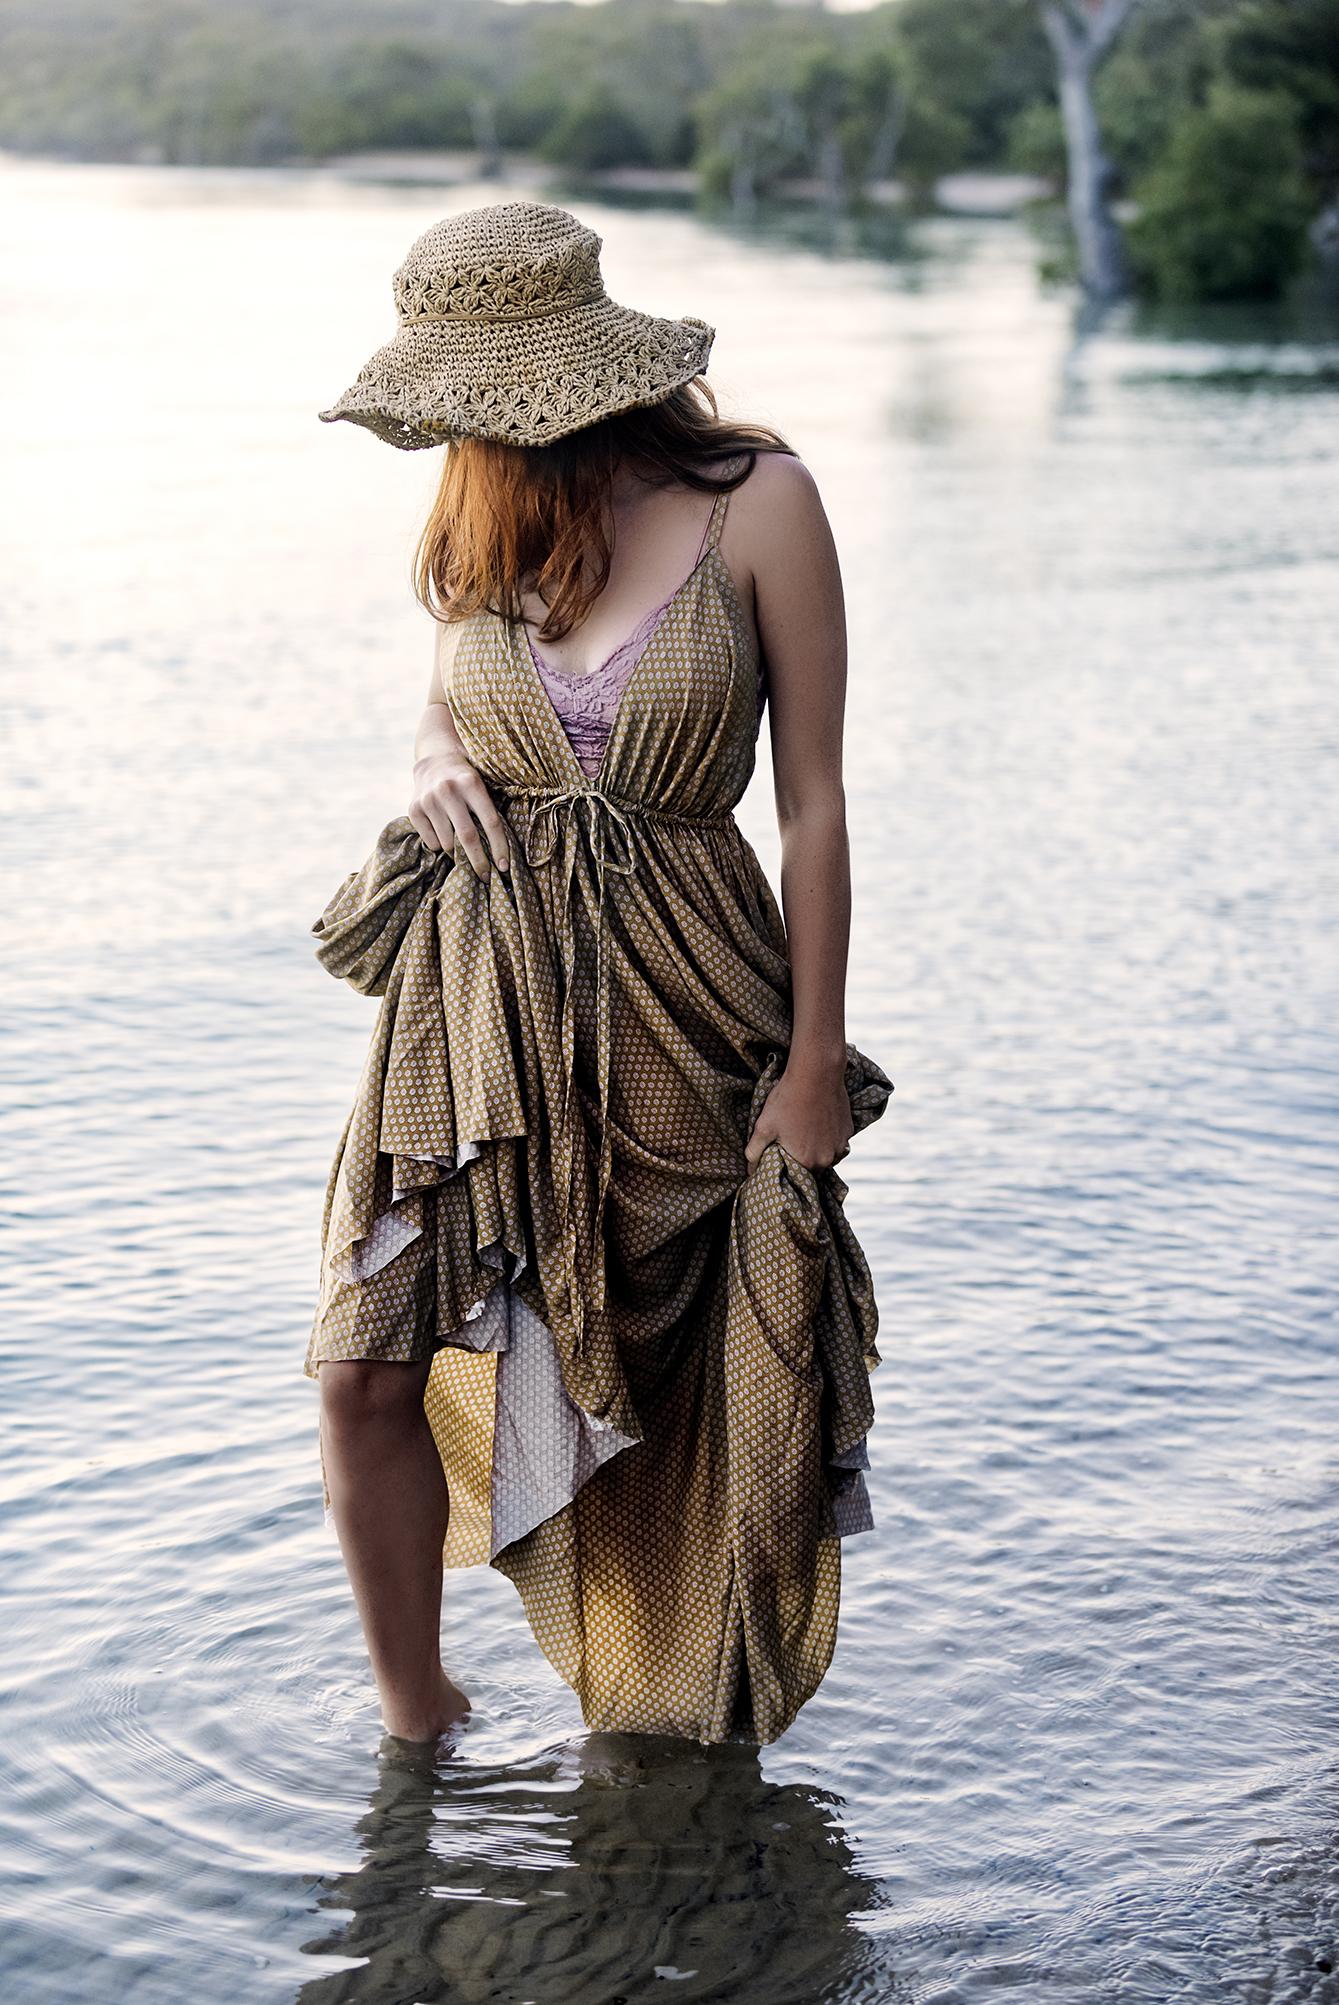 susannah beach5 fx.jpg